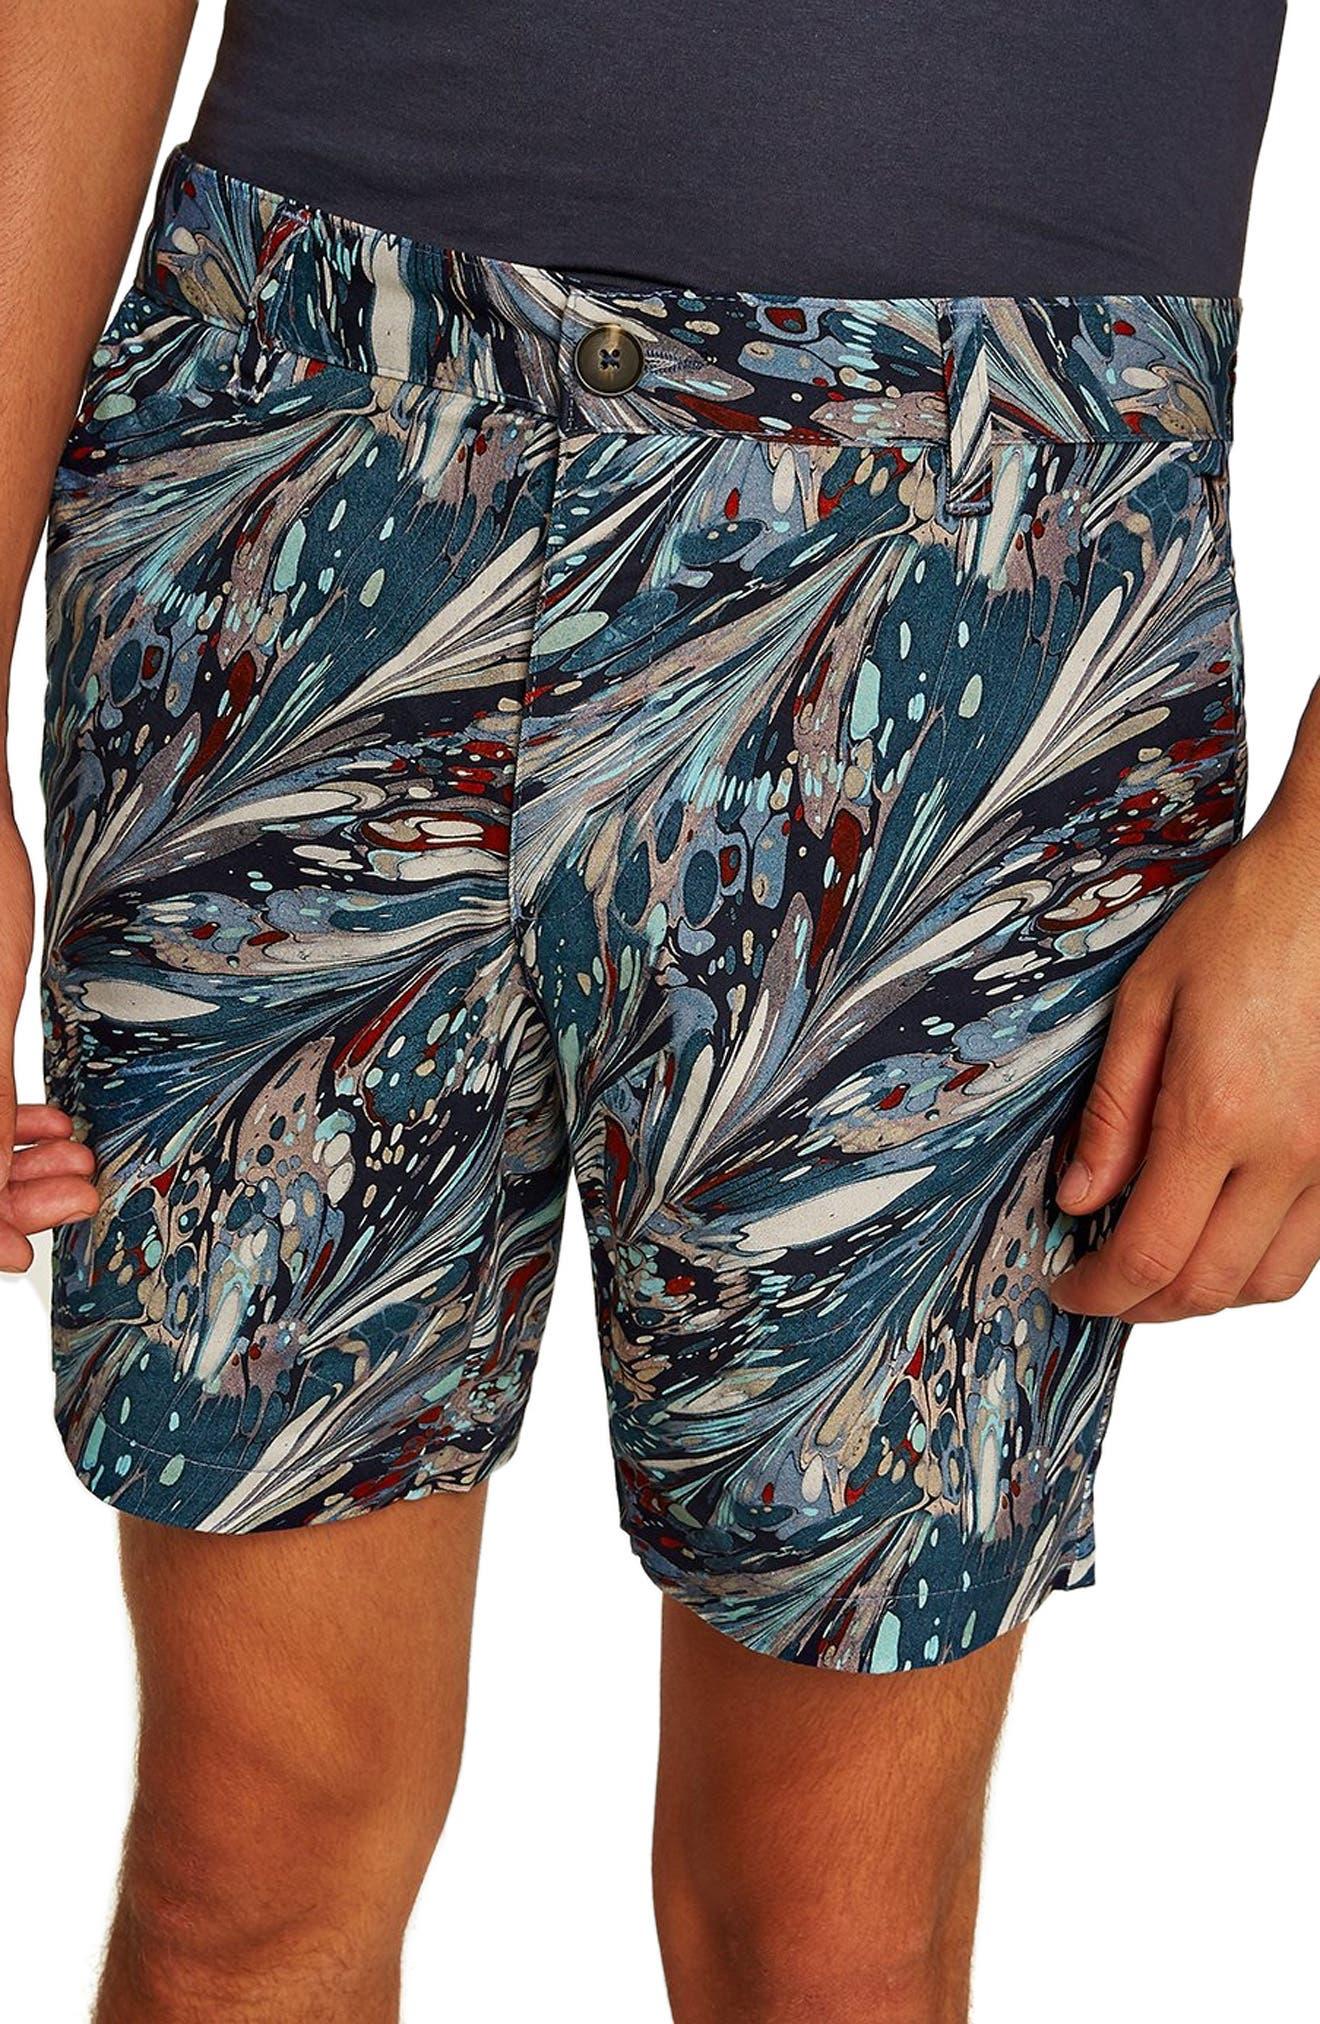 Marble Print Shorts,                             Main thumbnail 1, color,                             BLUE